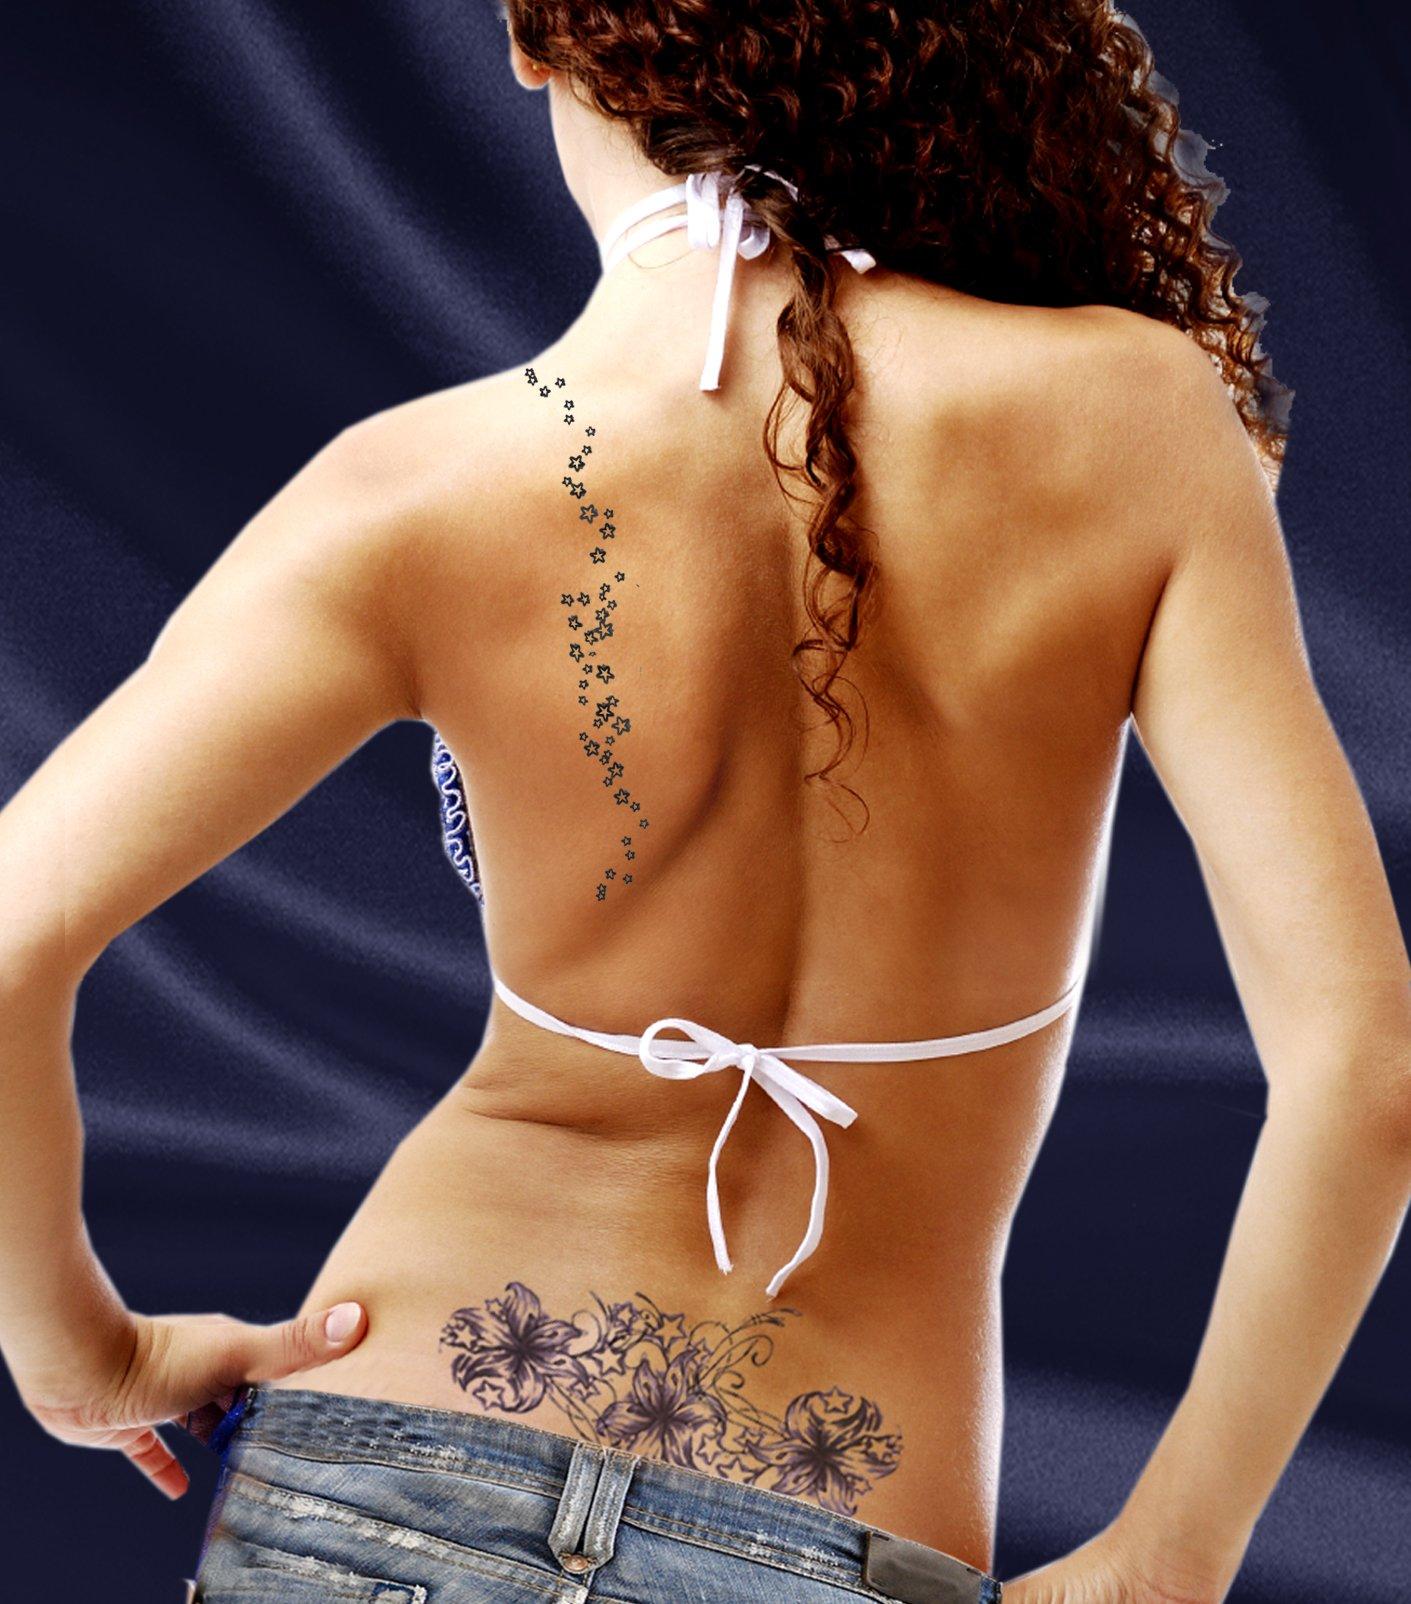 Feminine Temporary Tattoos by TEMPORARY TATTOO FACTORY (Image #4)